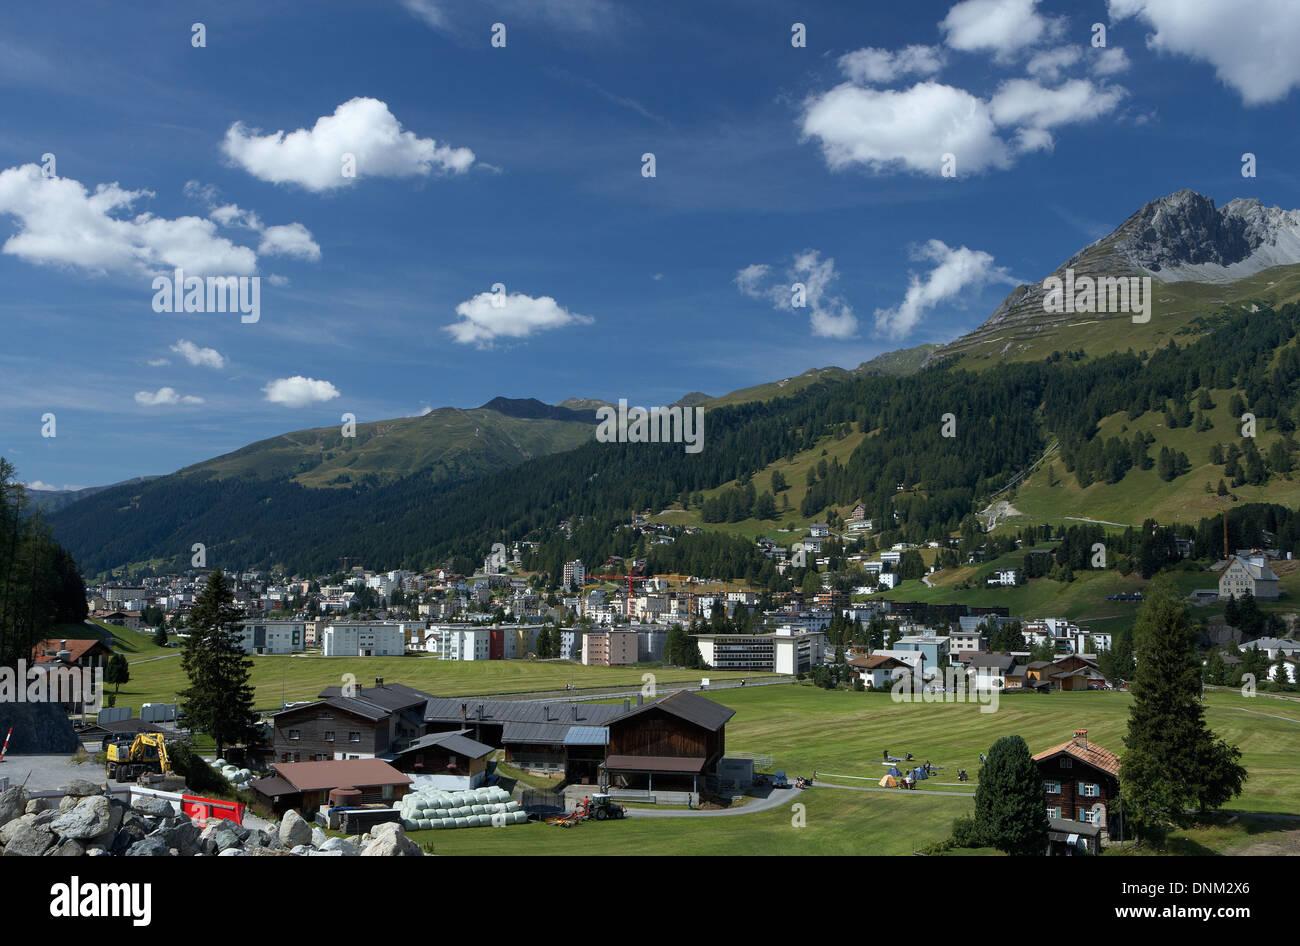 Davos, Switzerland, overlooking Davos Dorf - Stock Image